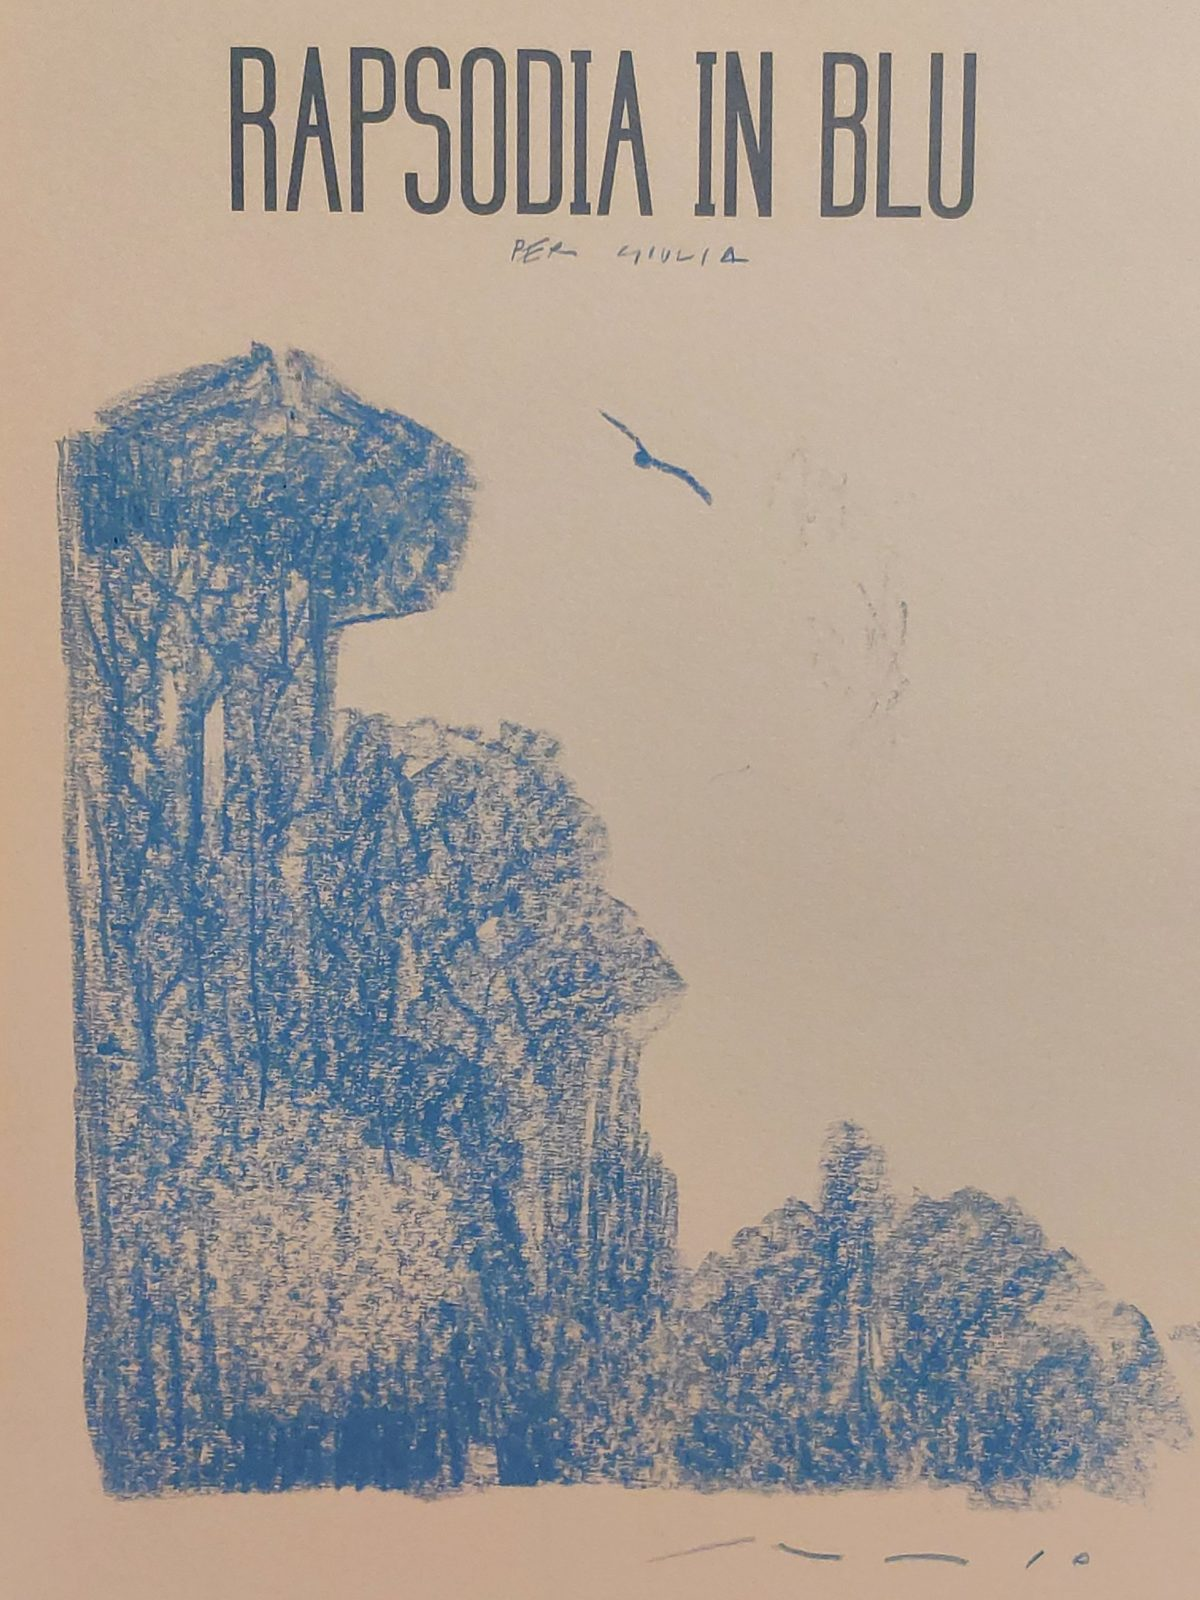 Mio caro fumetto... - La dedica di Andrea Serio alla mia copia di Rapsodia in blu